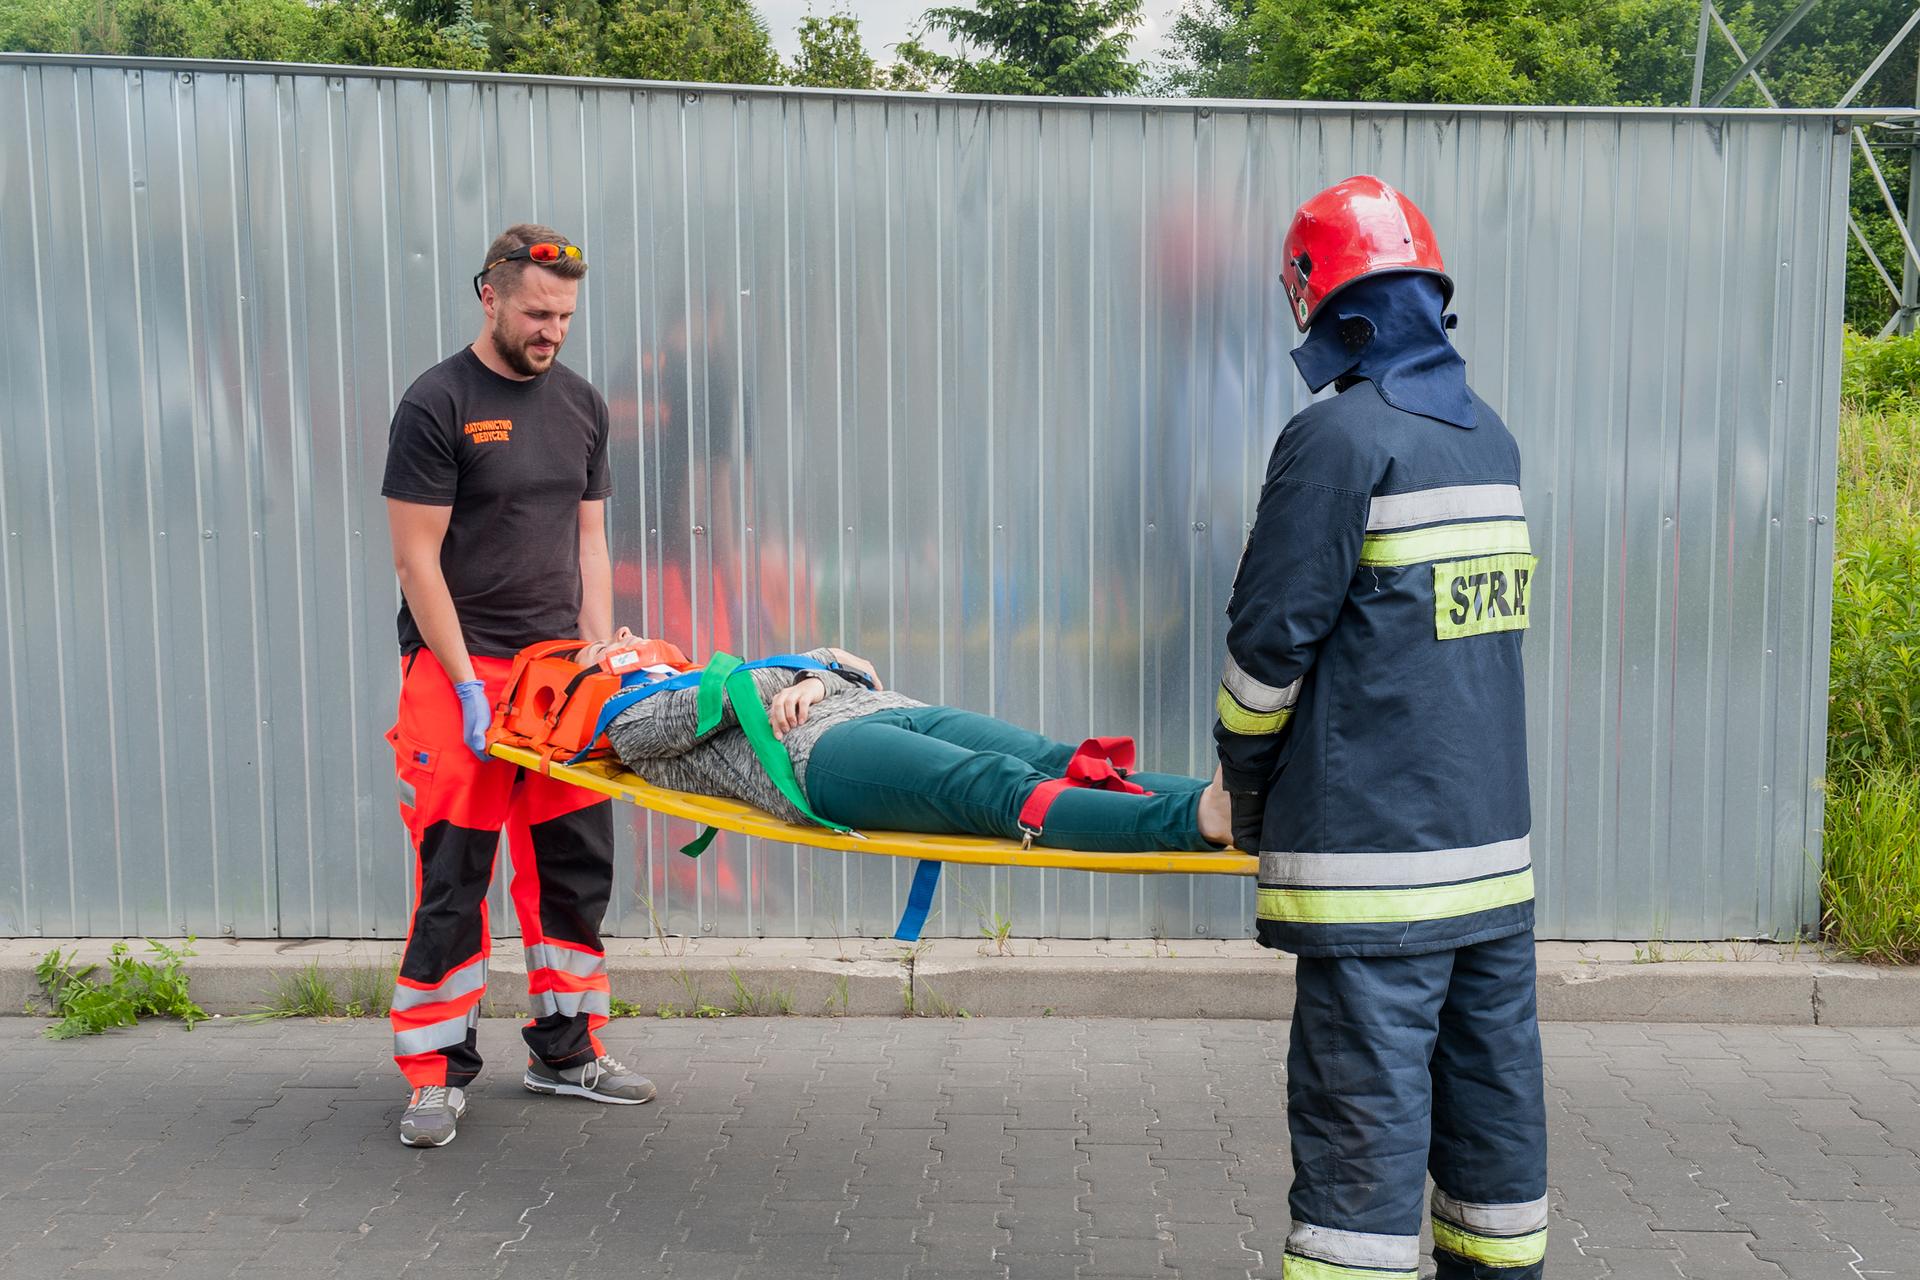 Kolorowe zdjęcie przedstawia dwóch mężczyzn niosących na noszach osobę poszkodowaną. Po lewej stronie ratownik medyczny. Ubrany na czarno. Wzdłuż nogawek spodni pomarańczowe iszare pasy odblaskowe. Po prawej strażak ubrany wmundur ratowniczy. Na głowie czerwony kask. Na plecach odblaskowy napis Strażak. Osoba poszkodowana ma unieruchomioną głowę wspecjalnym kołnierzu. Osoba jest przypięta pasami do noszy.